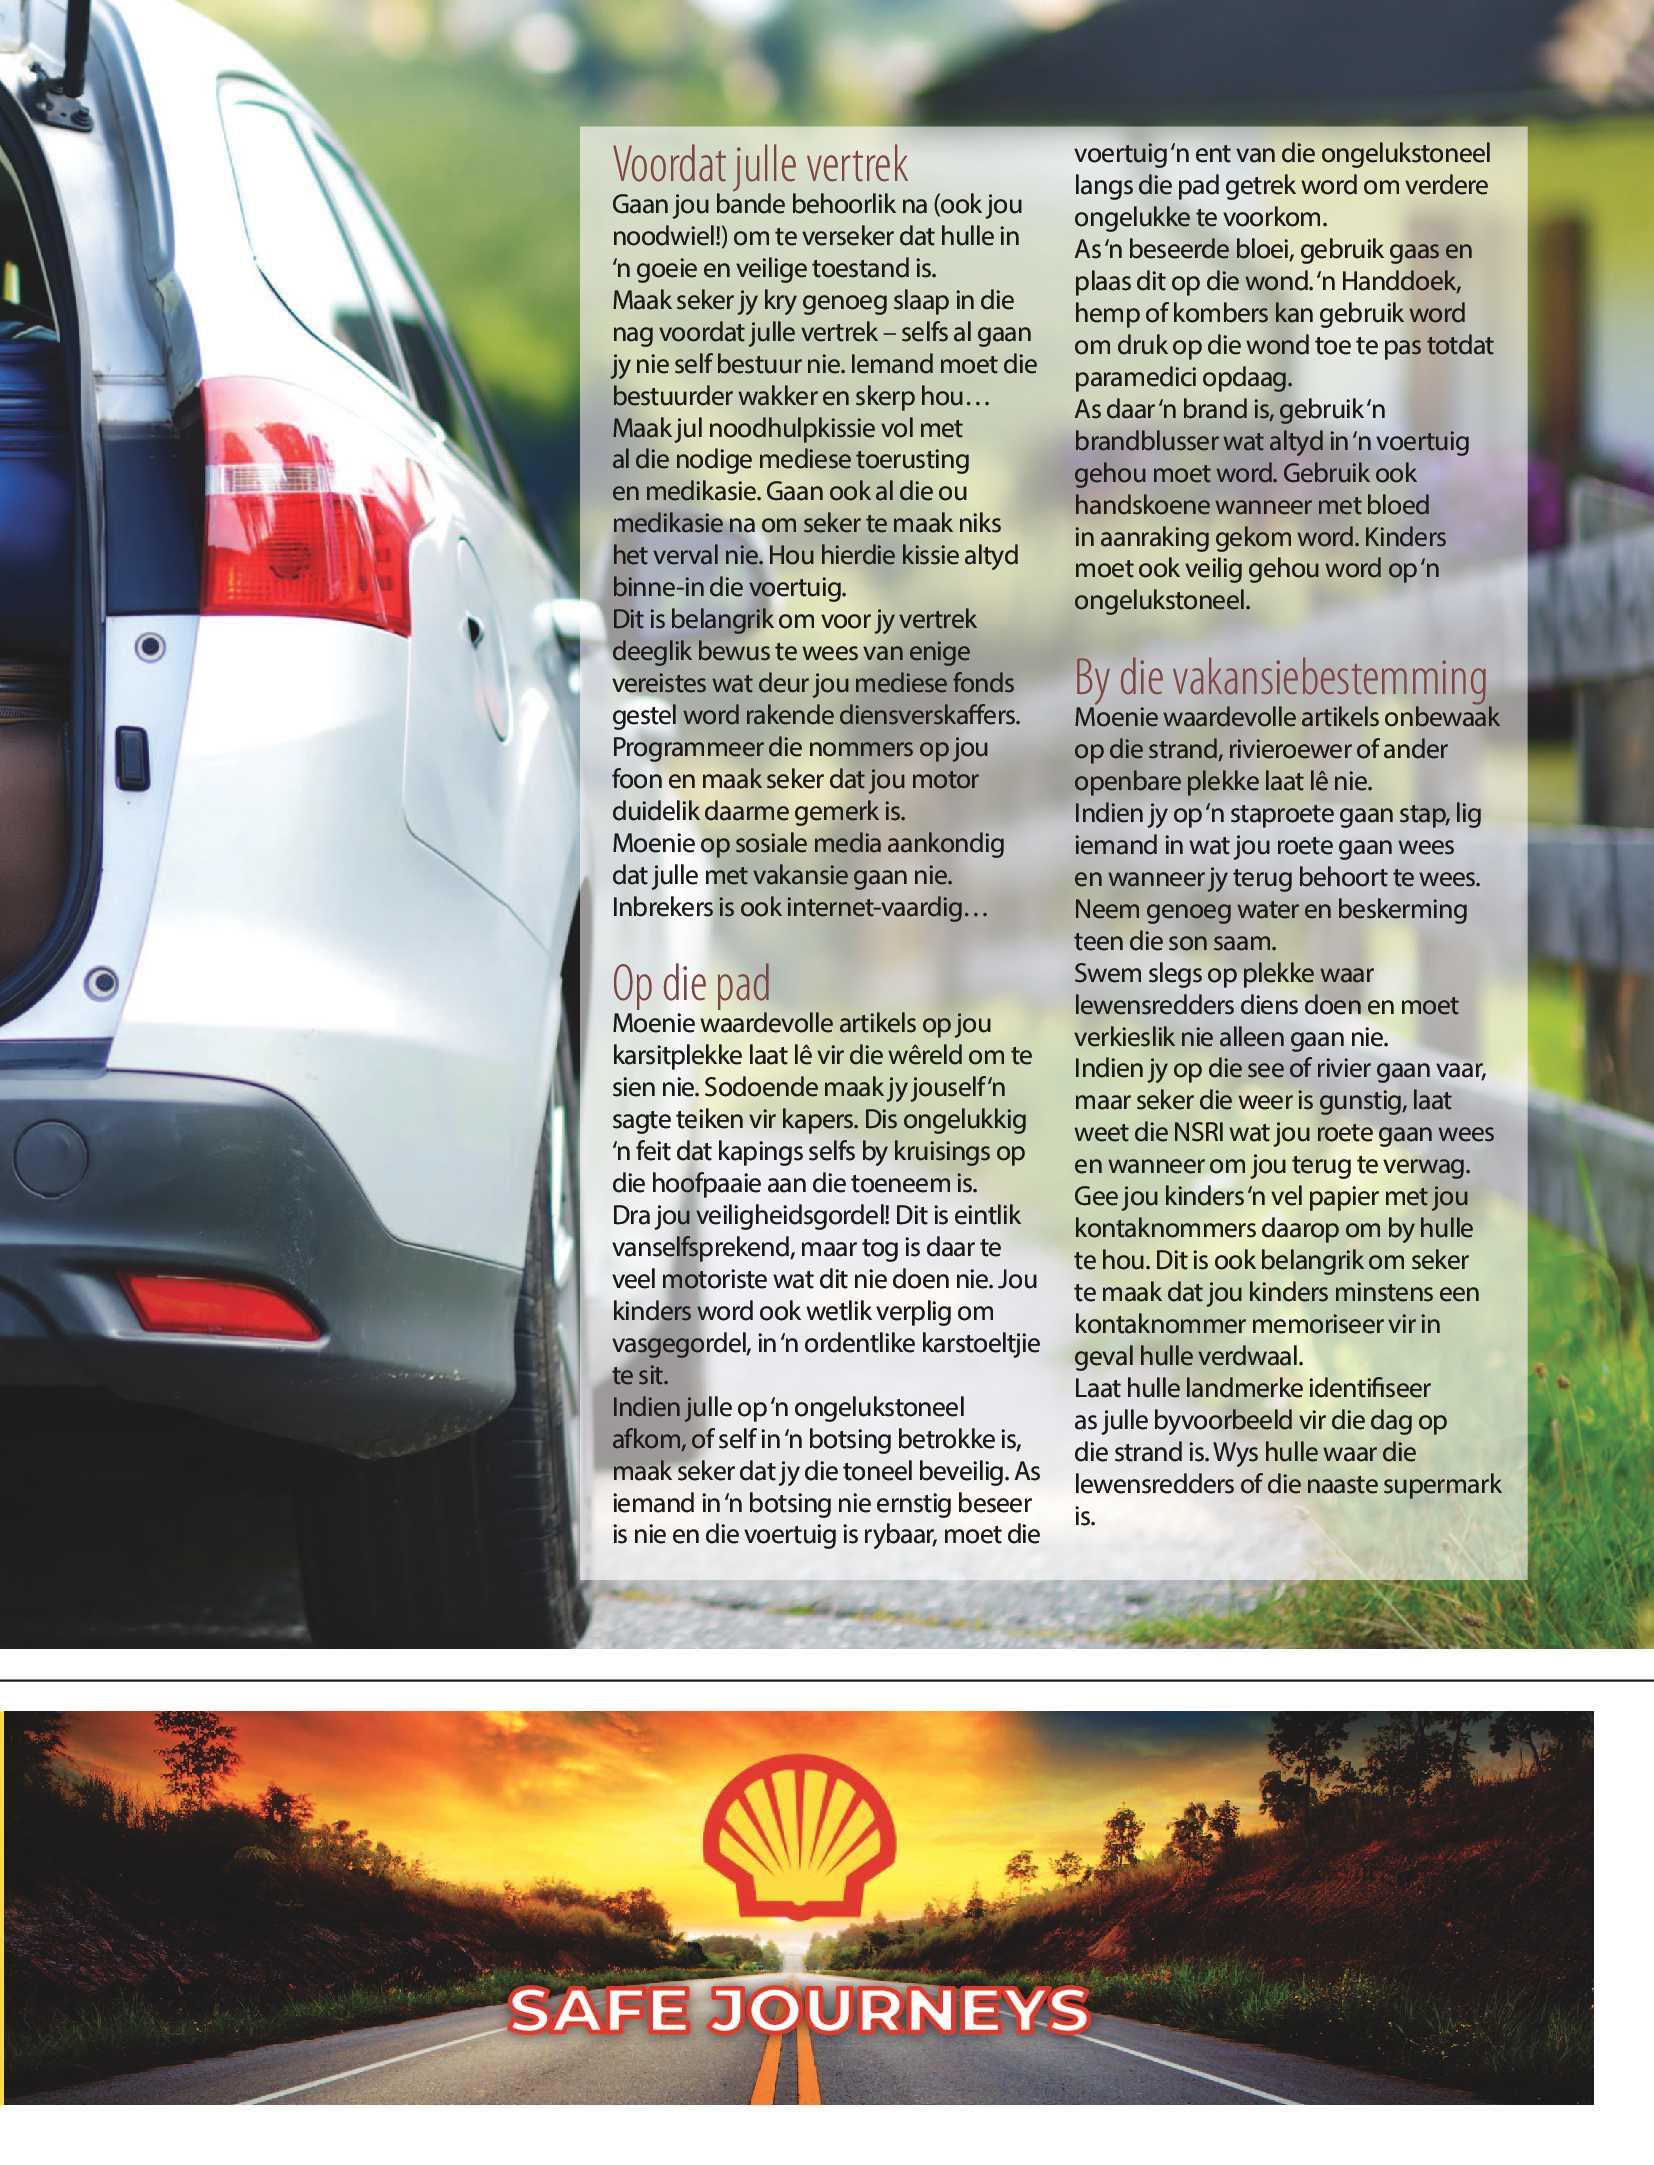 get-bloemfontein-november-2018-epapers-page-51